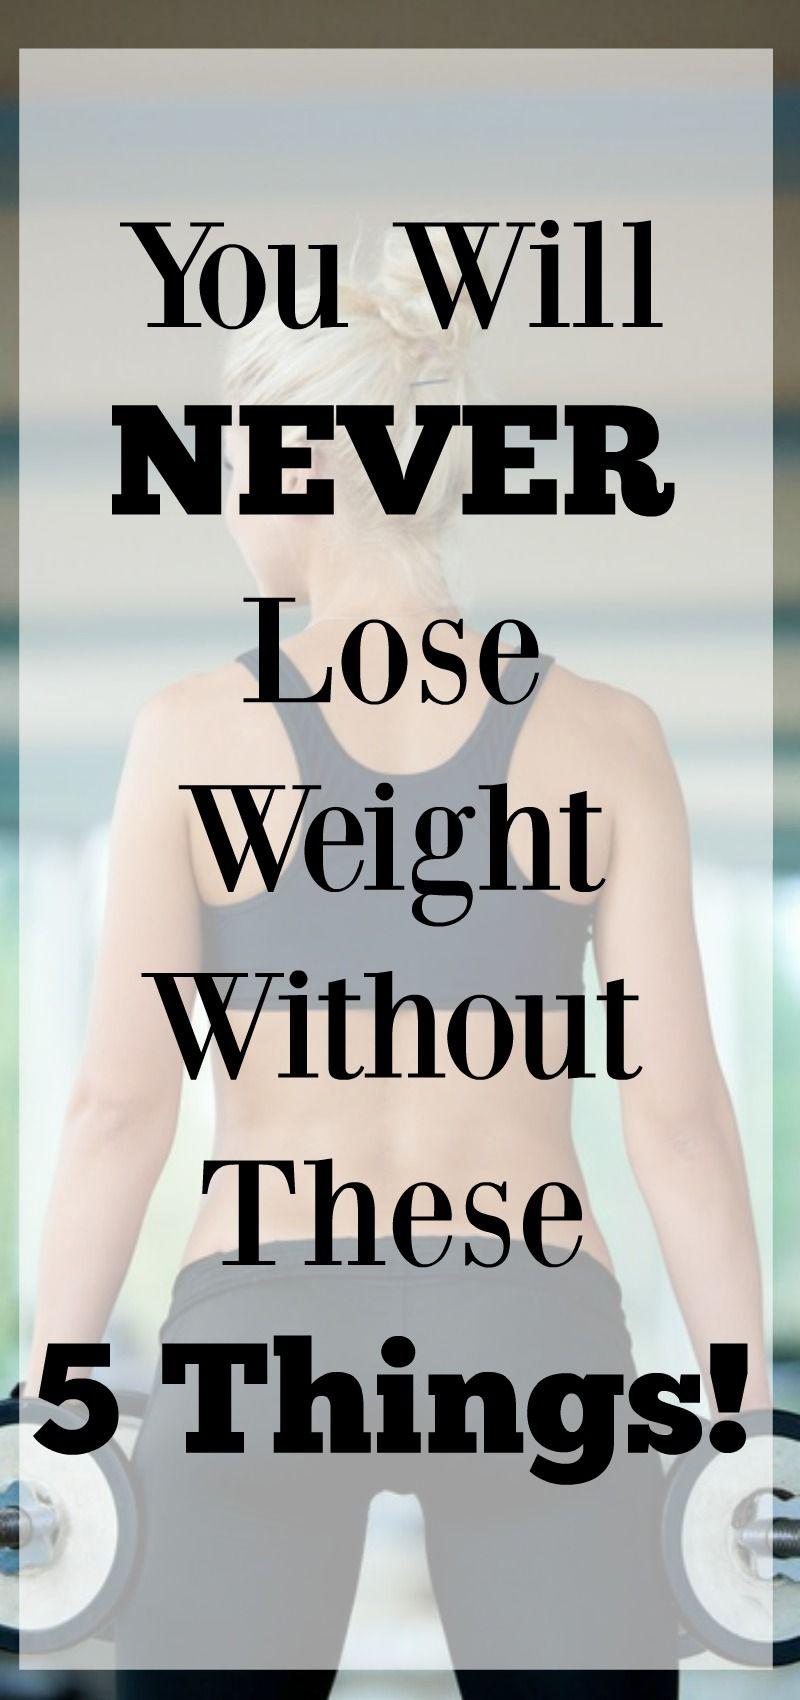 12 week meal plan to lose weight